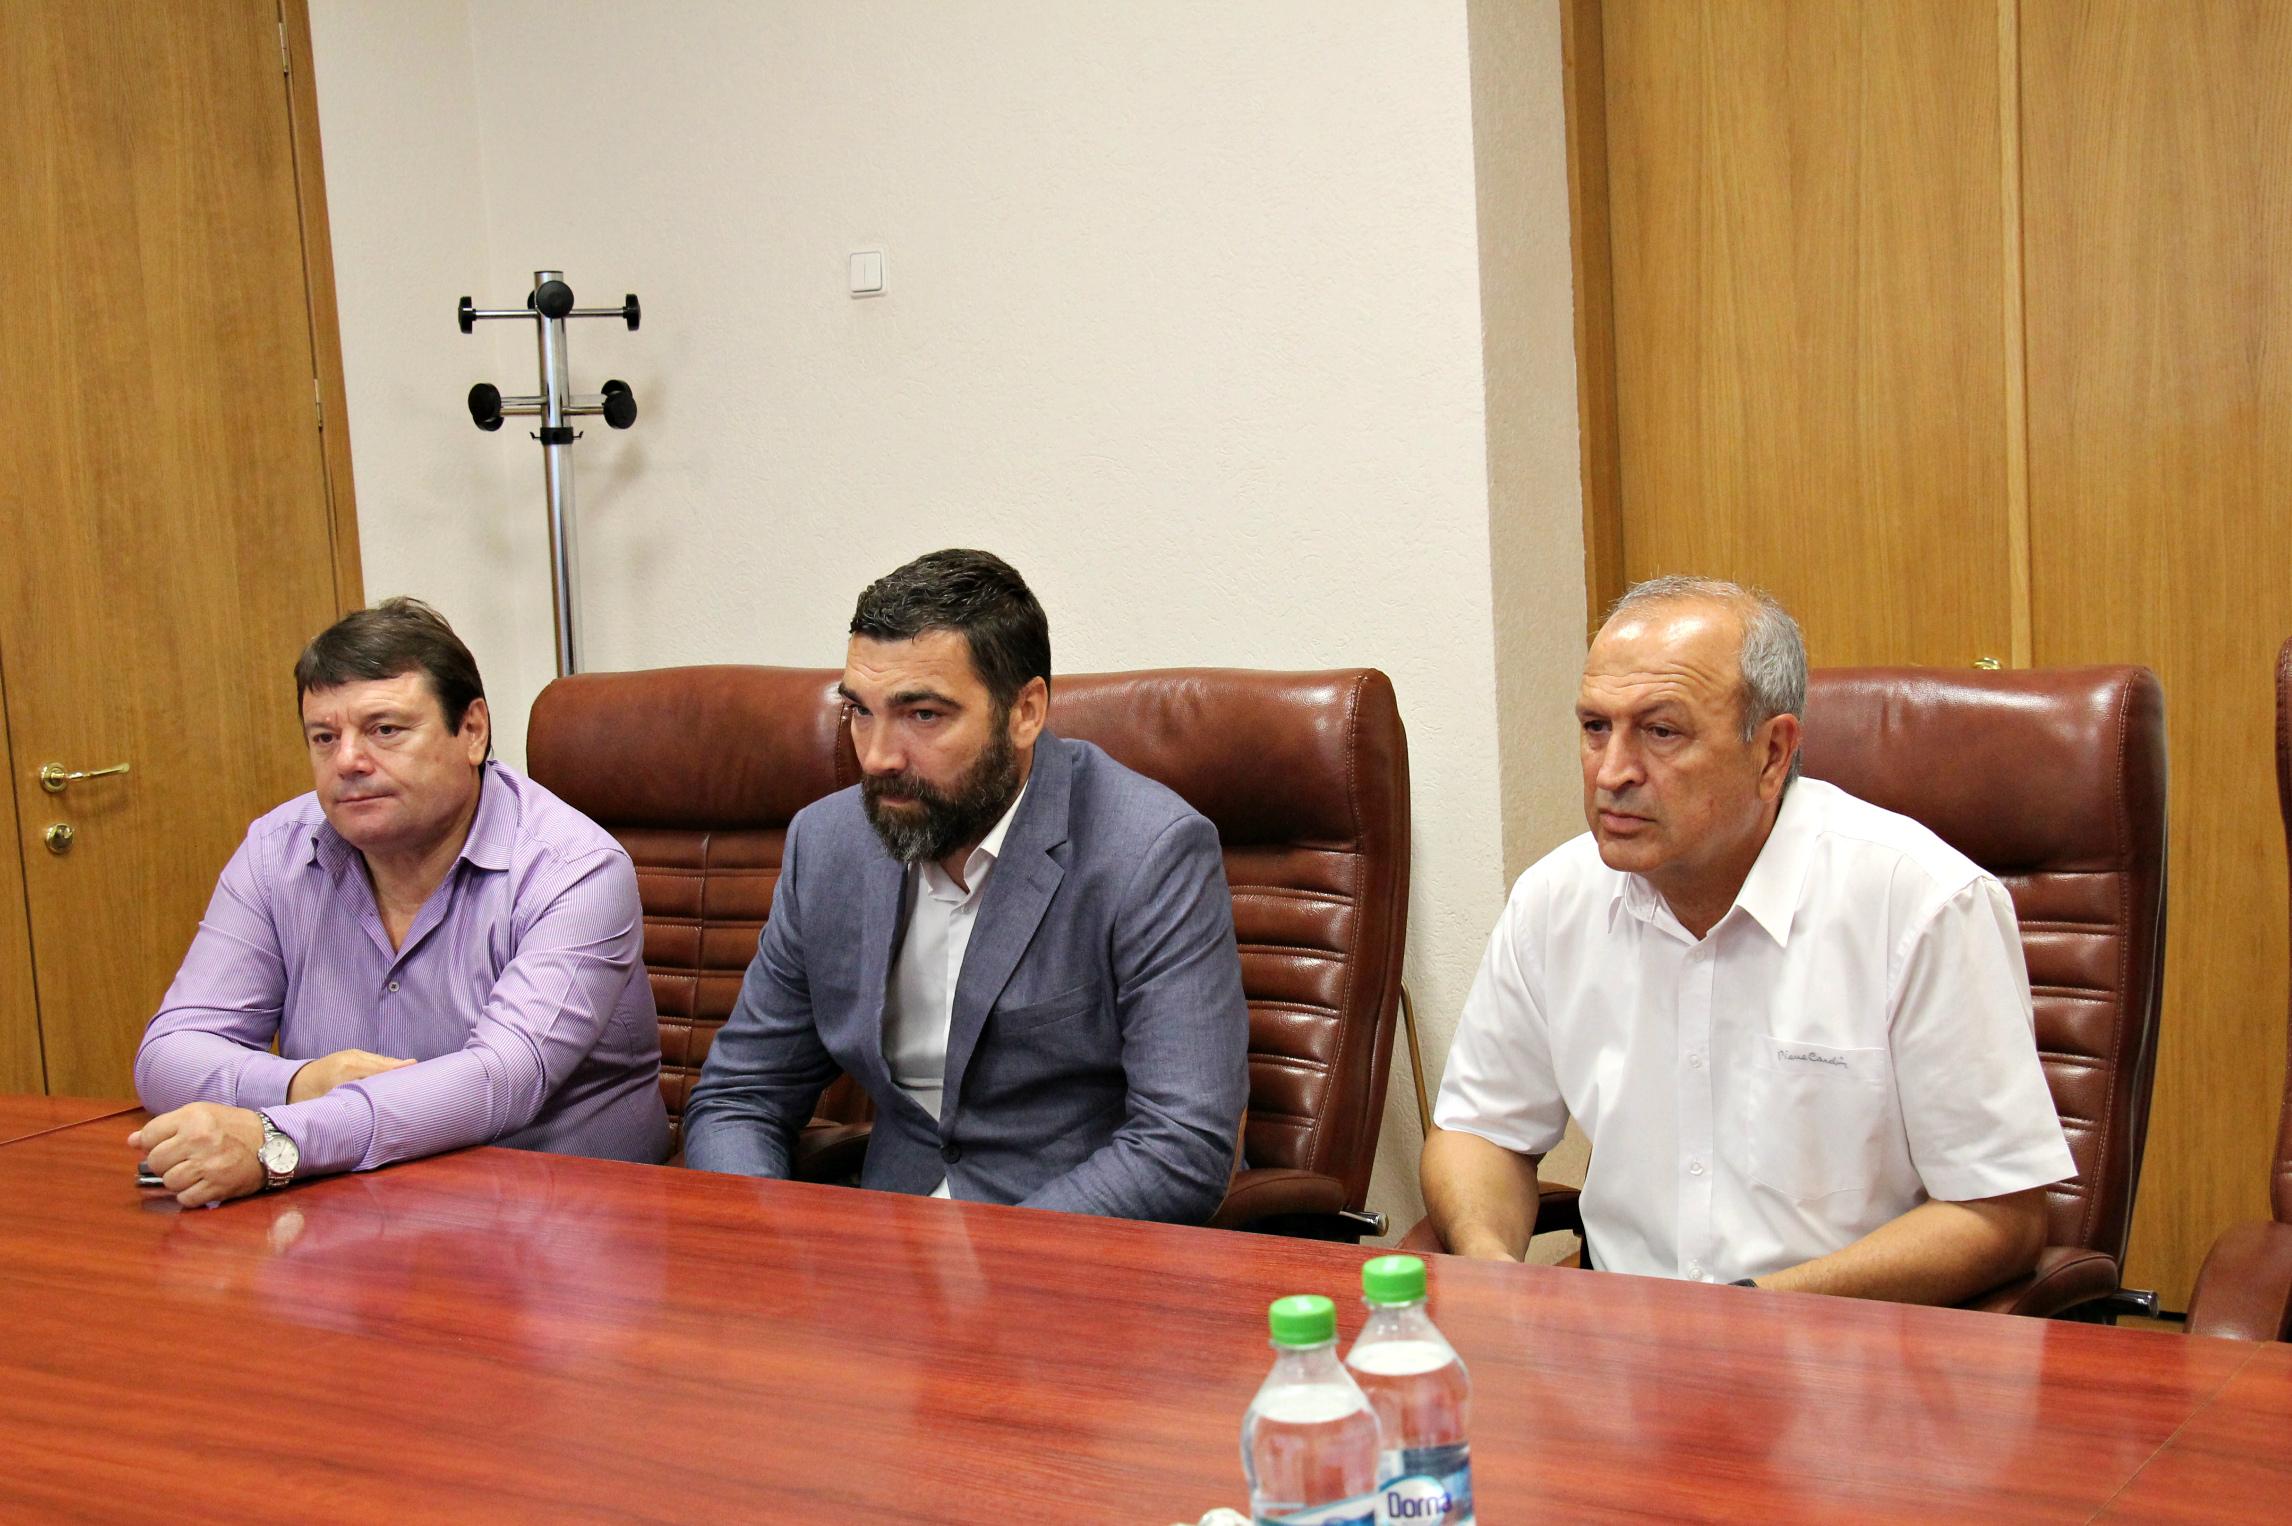 ministerul economiei si infrastructurii, guvernul filip, pdm, drumuri bune pentru moldova